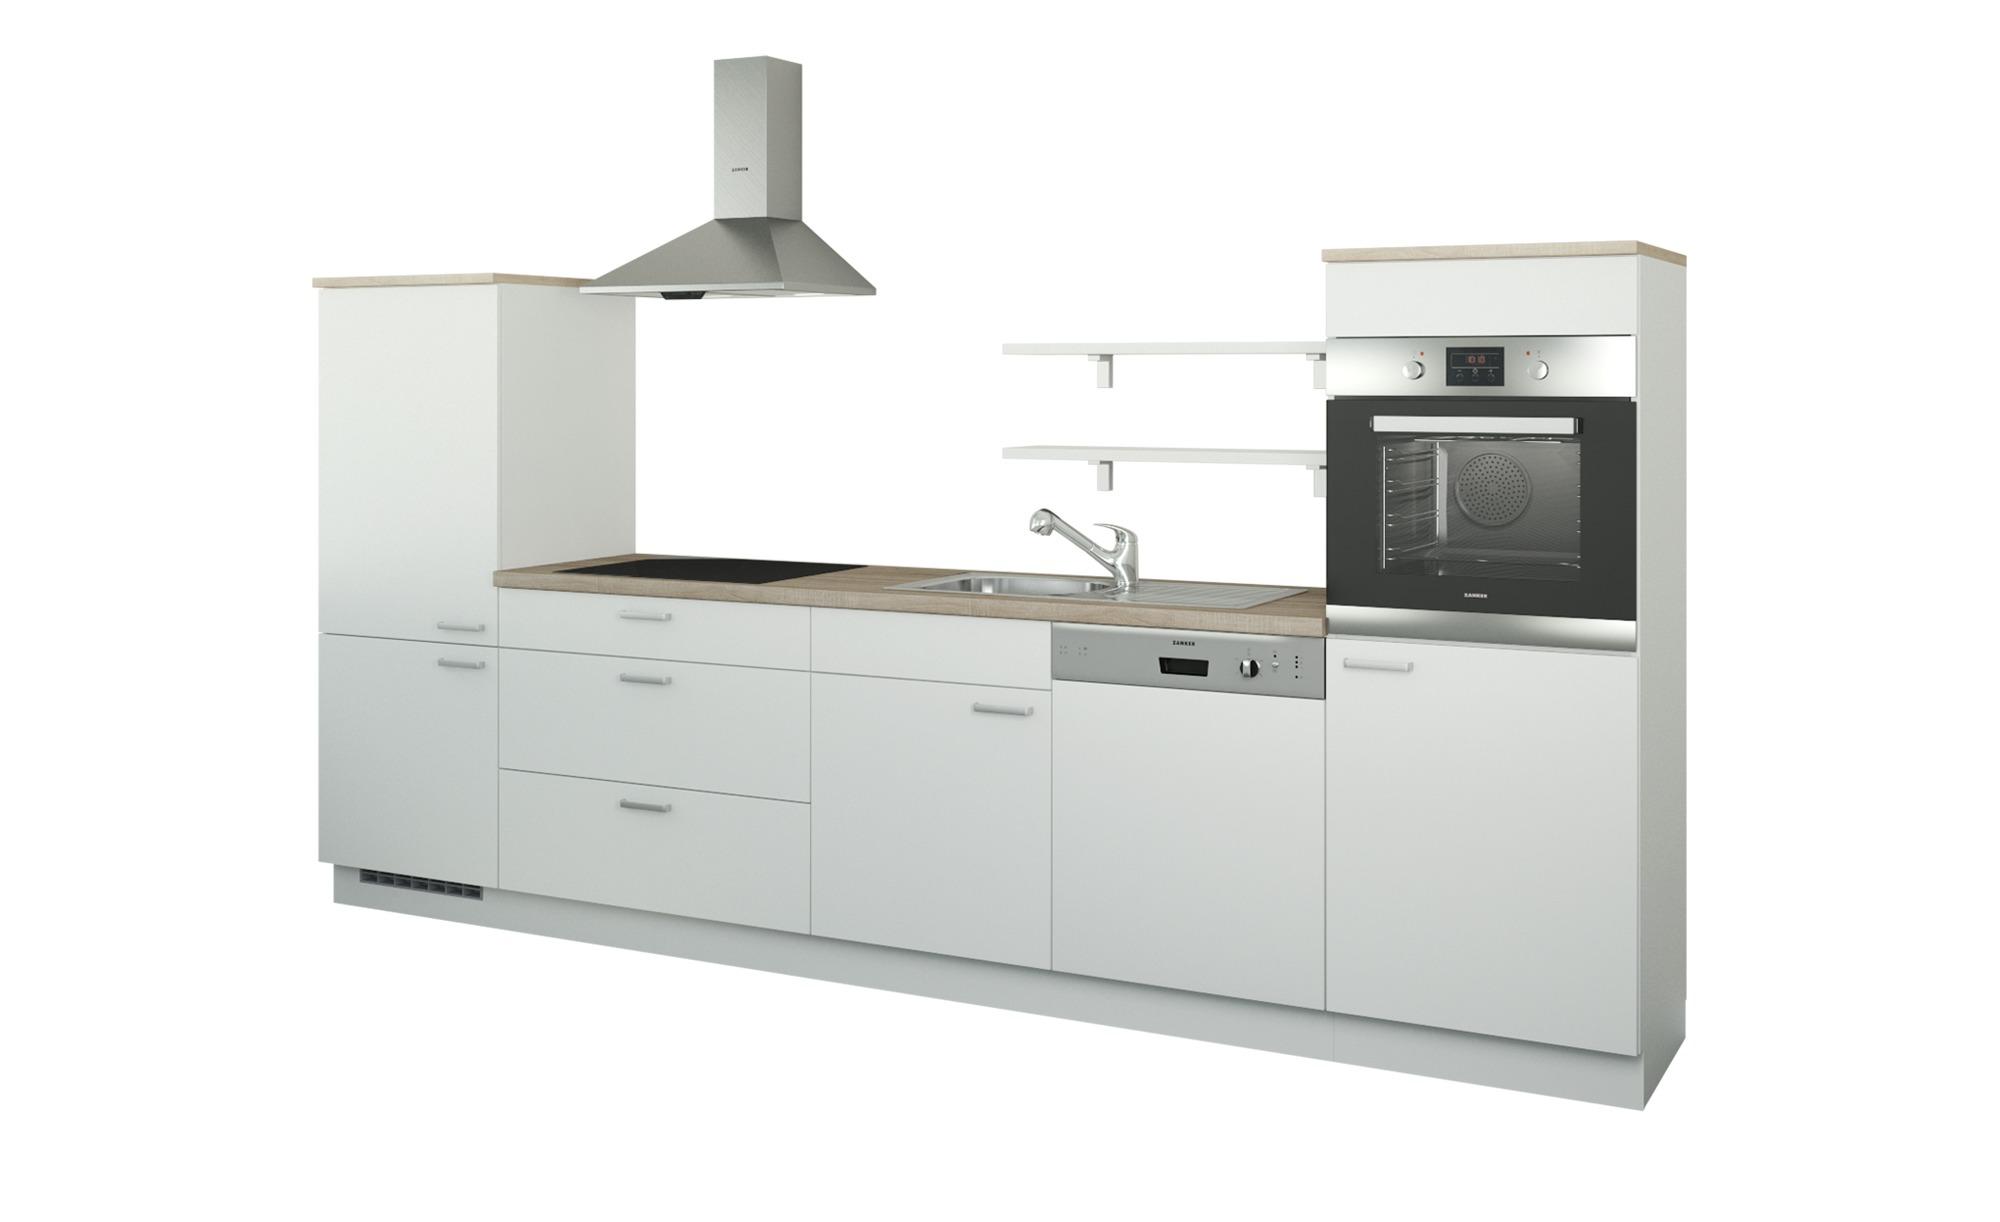 billige küchen berlin  küchenblock design  billige